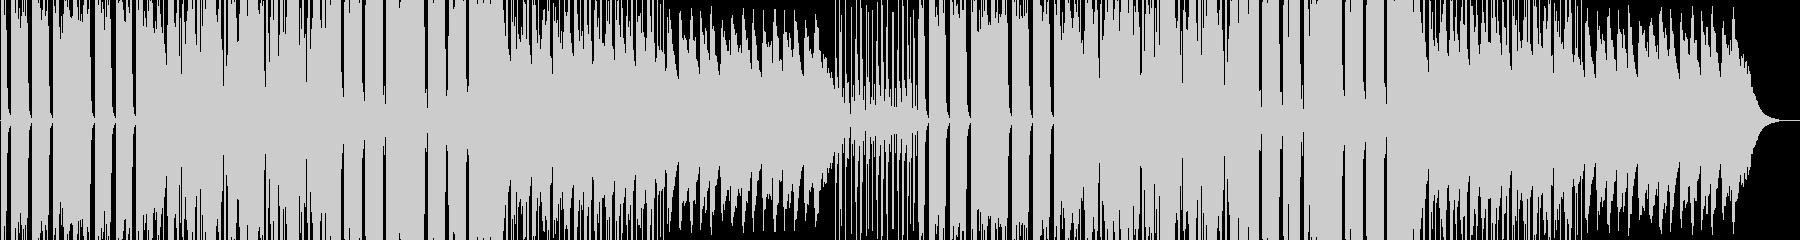 ピアノがお洒落なヒップホップの未再生の波形